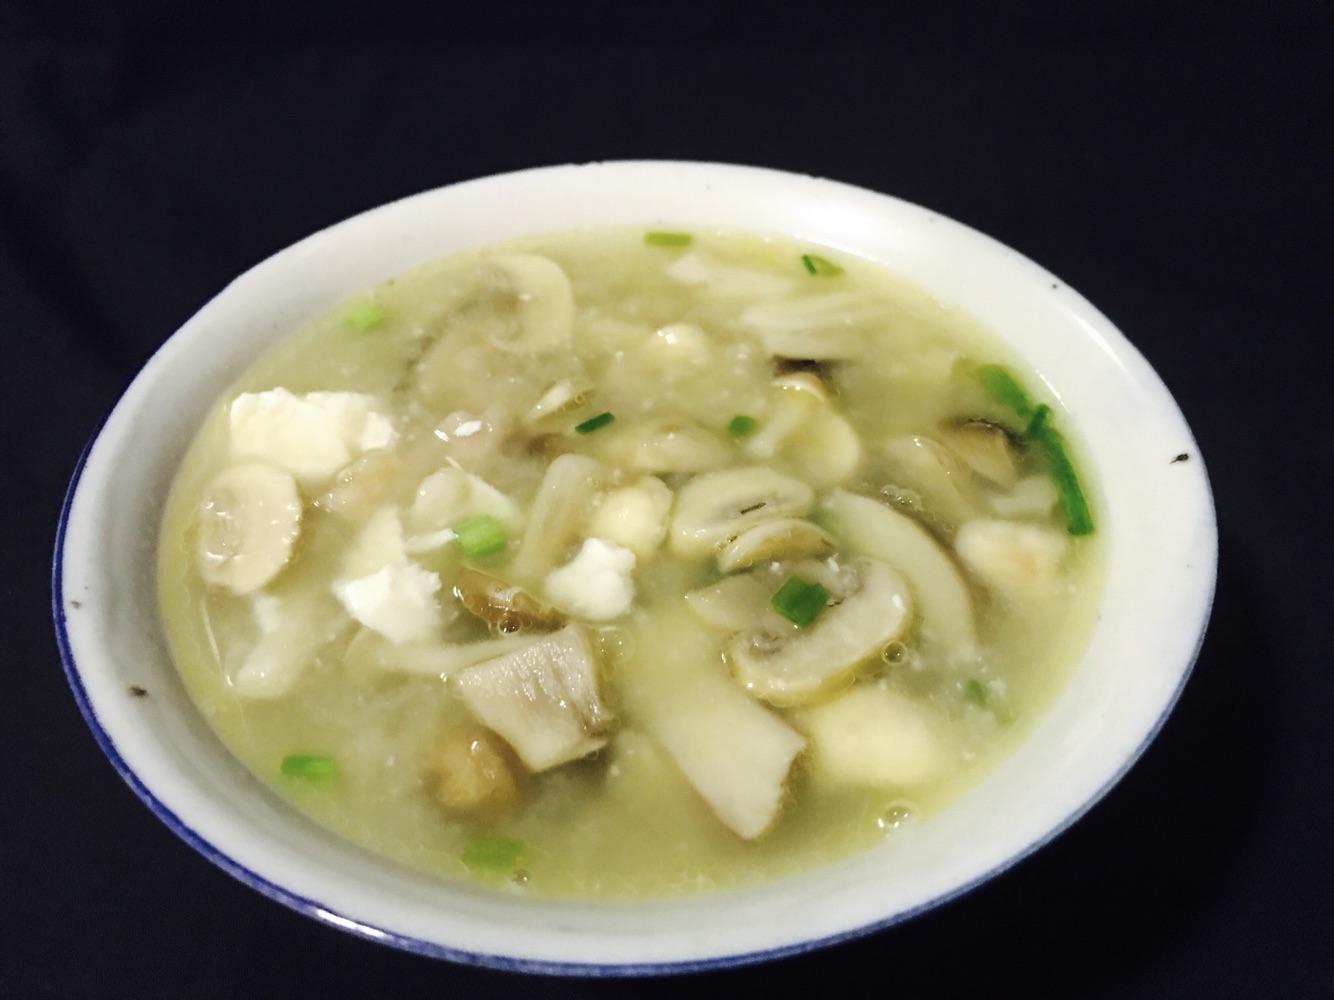 嫩豆腐一块做法一个菌菇做法步骤汤的豆腐年糕本图片的菜谱咸蛋铁板炒鱿鱼肉片图片